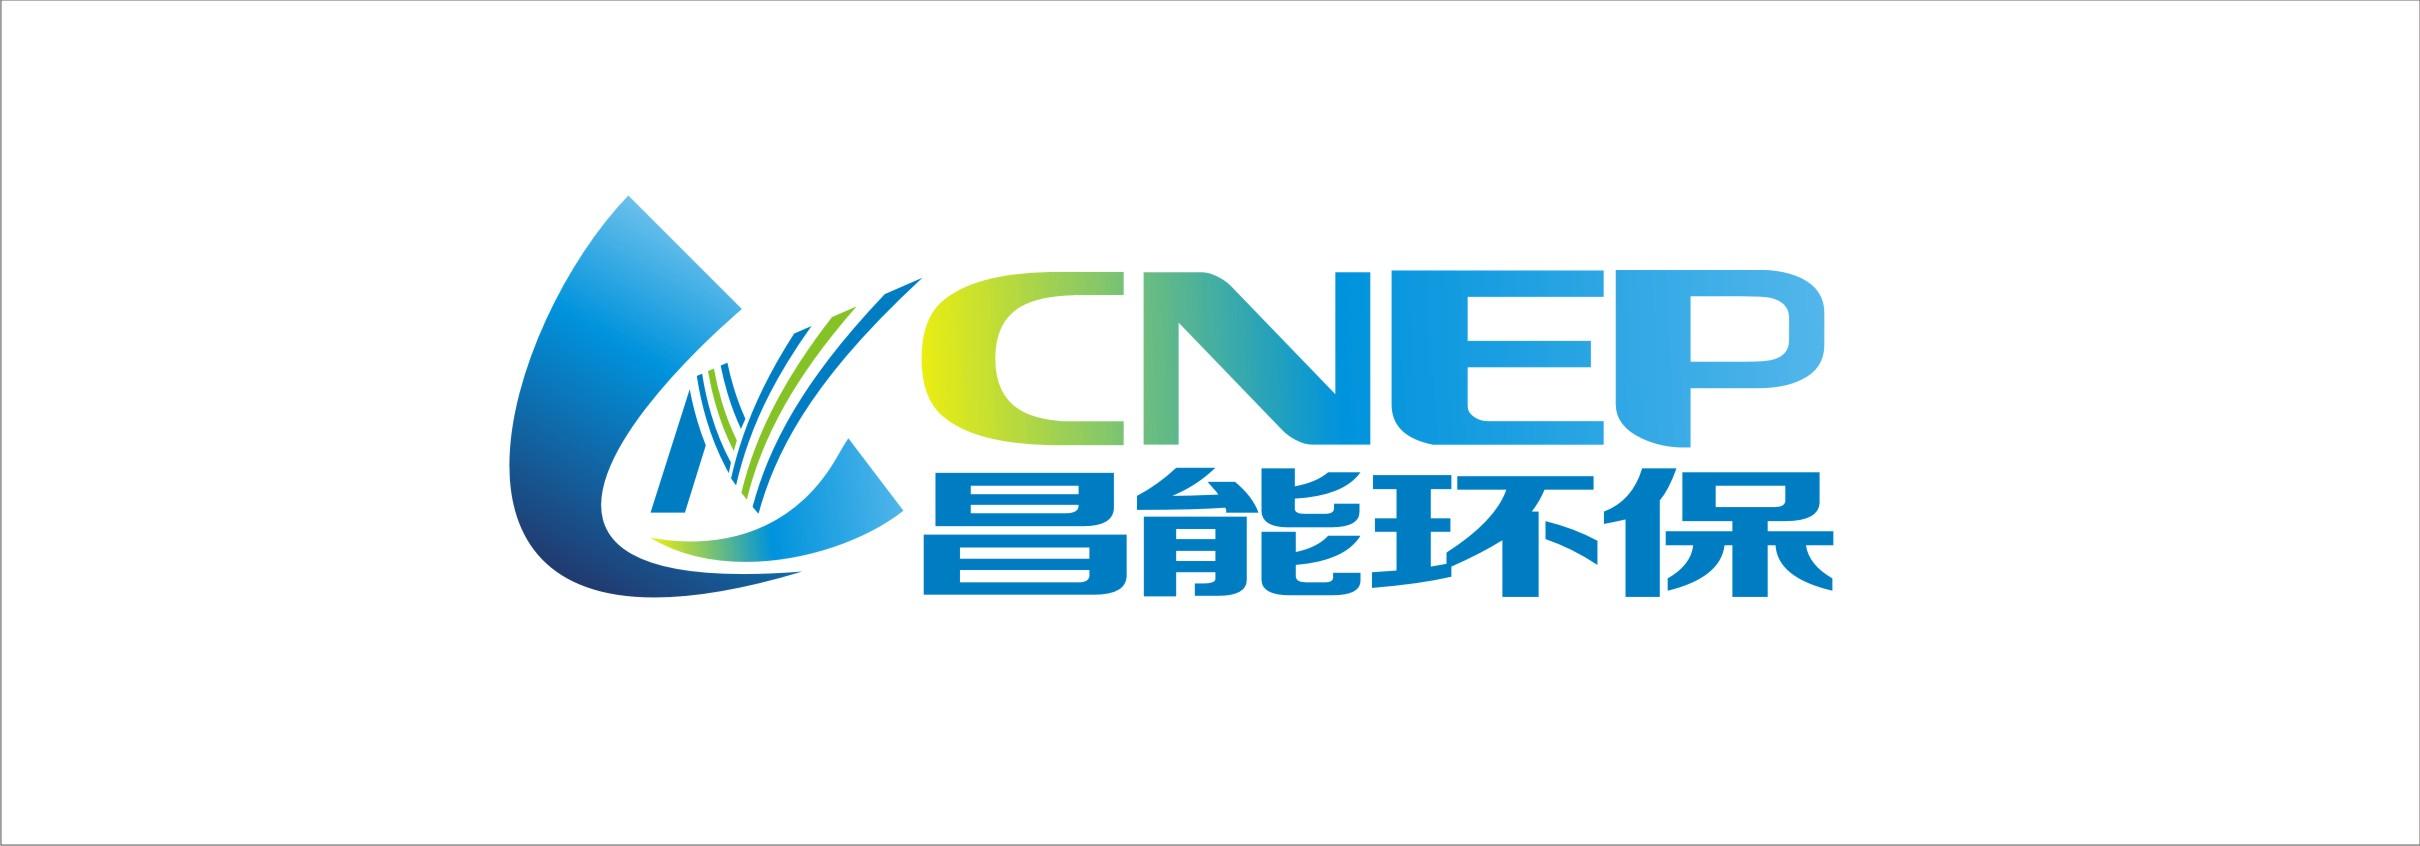 浙江昌能环保科技有限公司